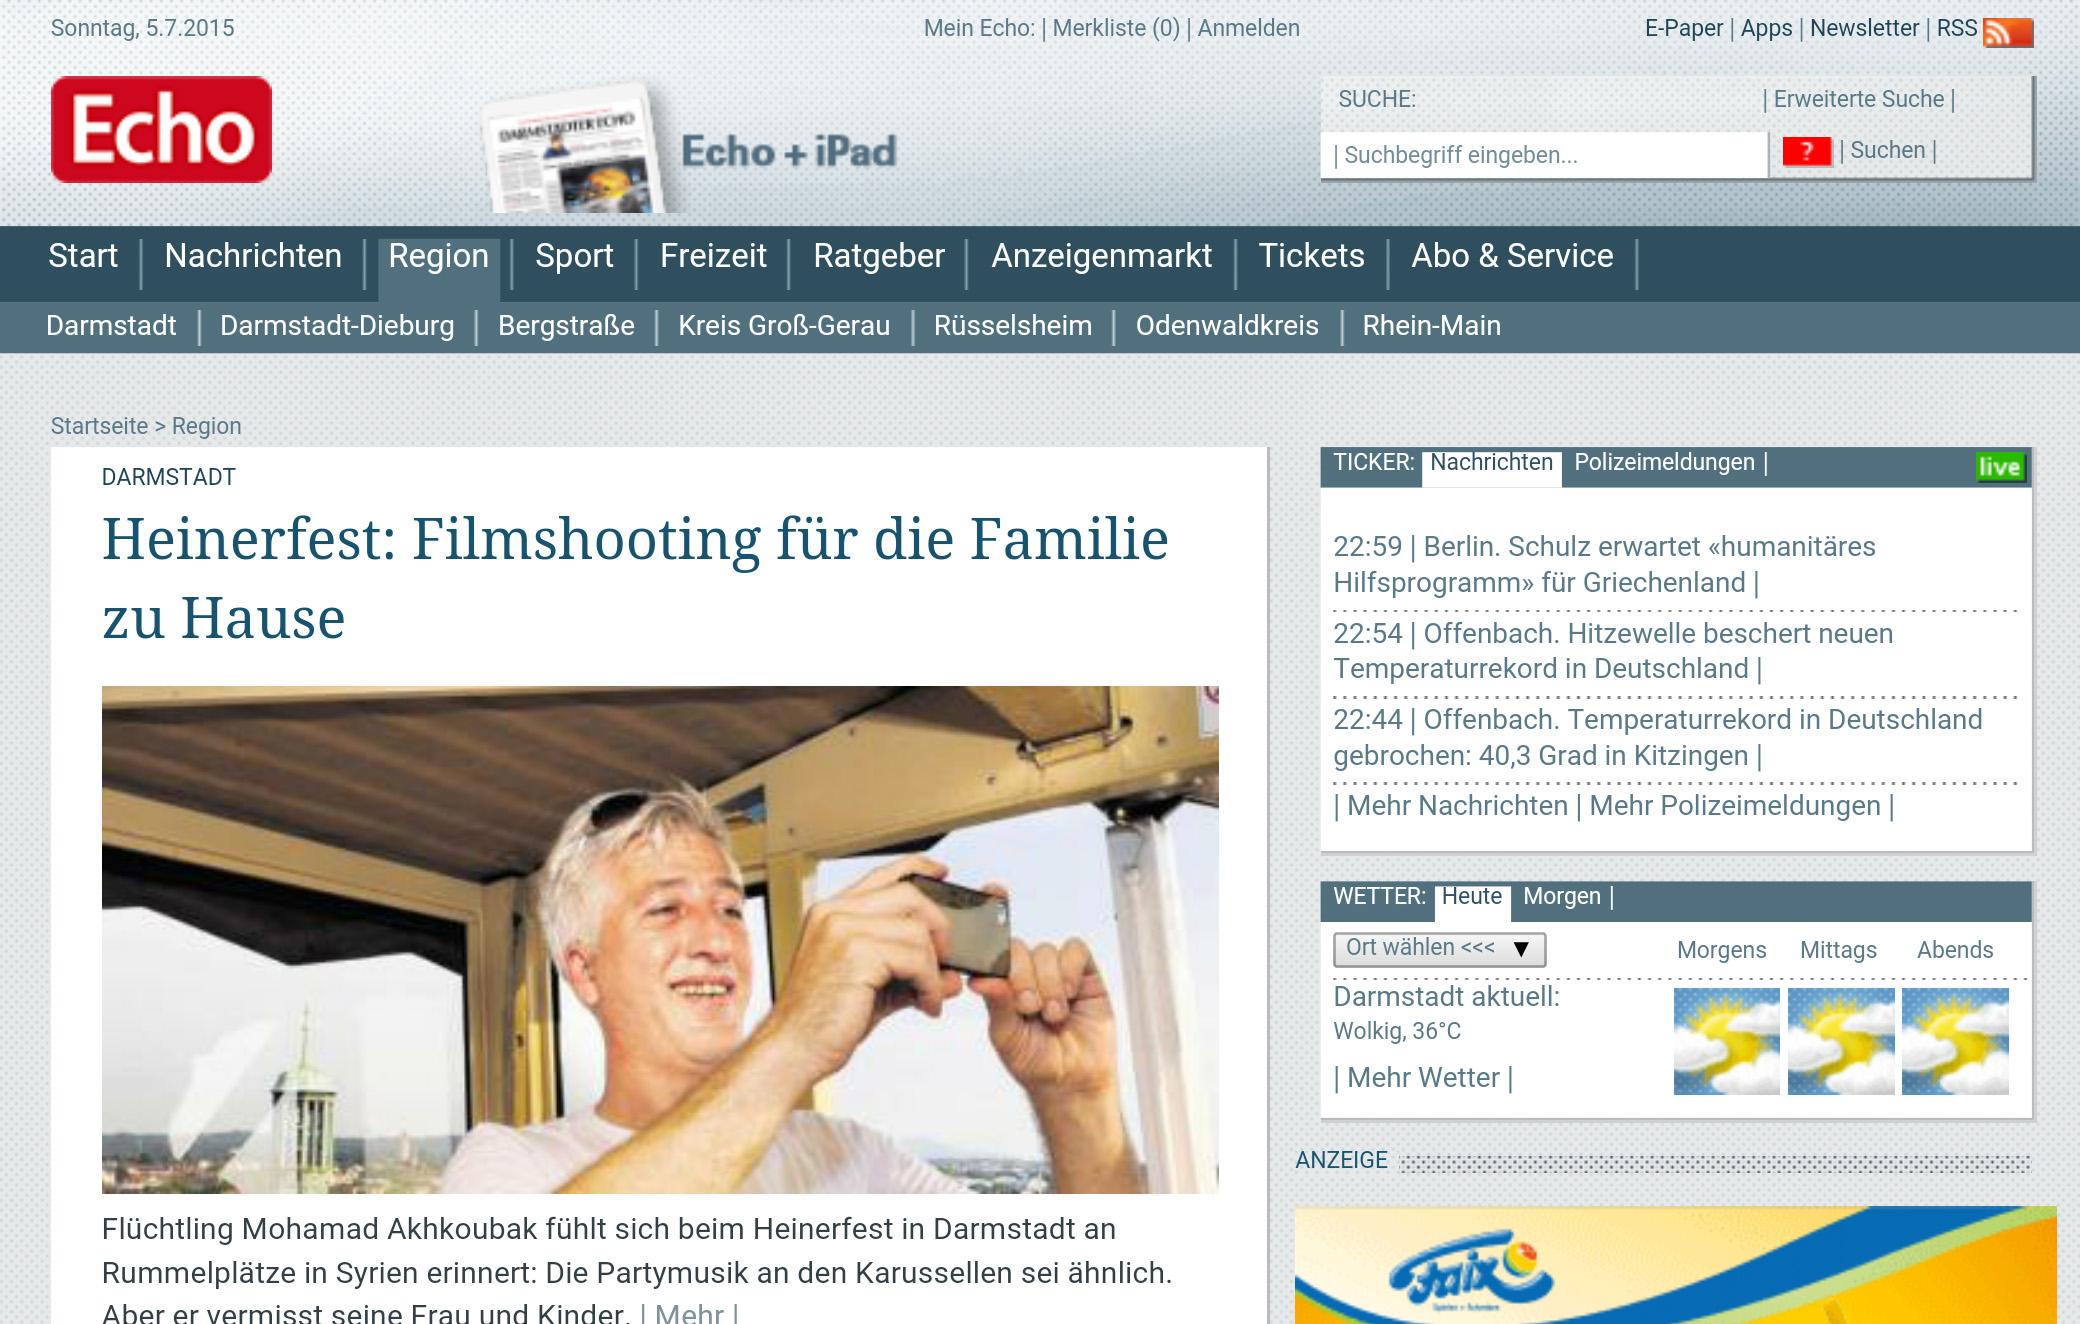 Das Design von Echo-Online.de aus dem Jahr 2009 (Screenshot)